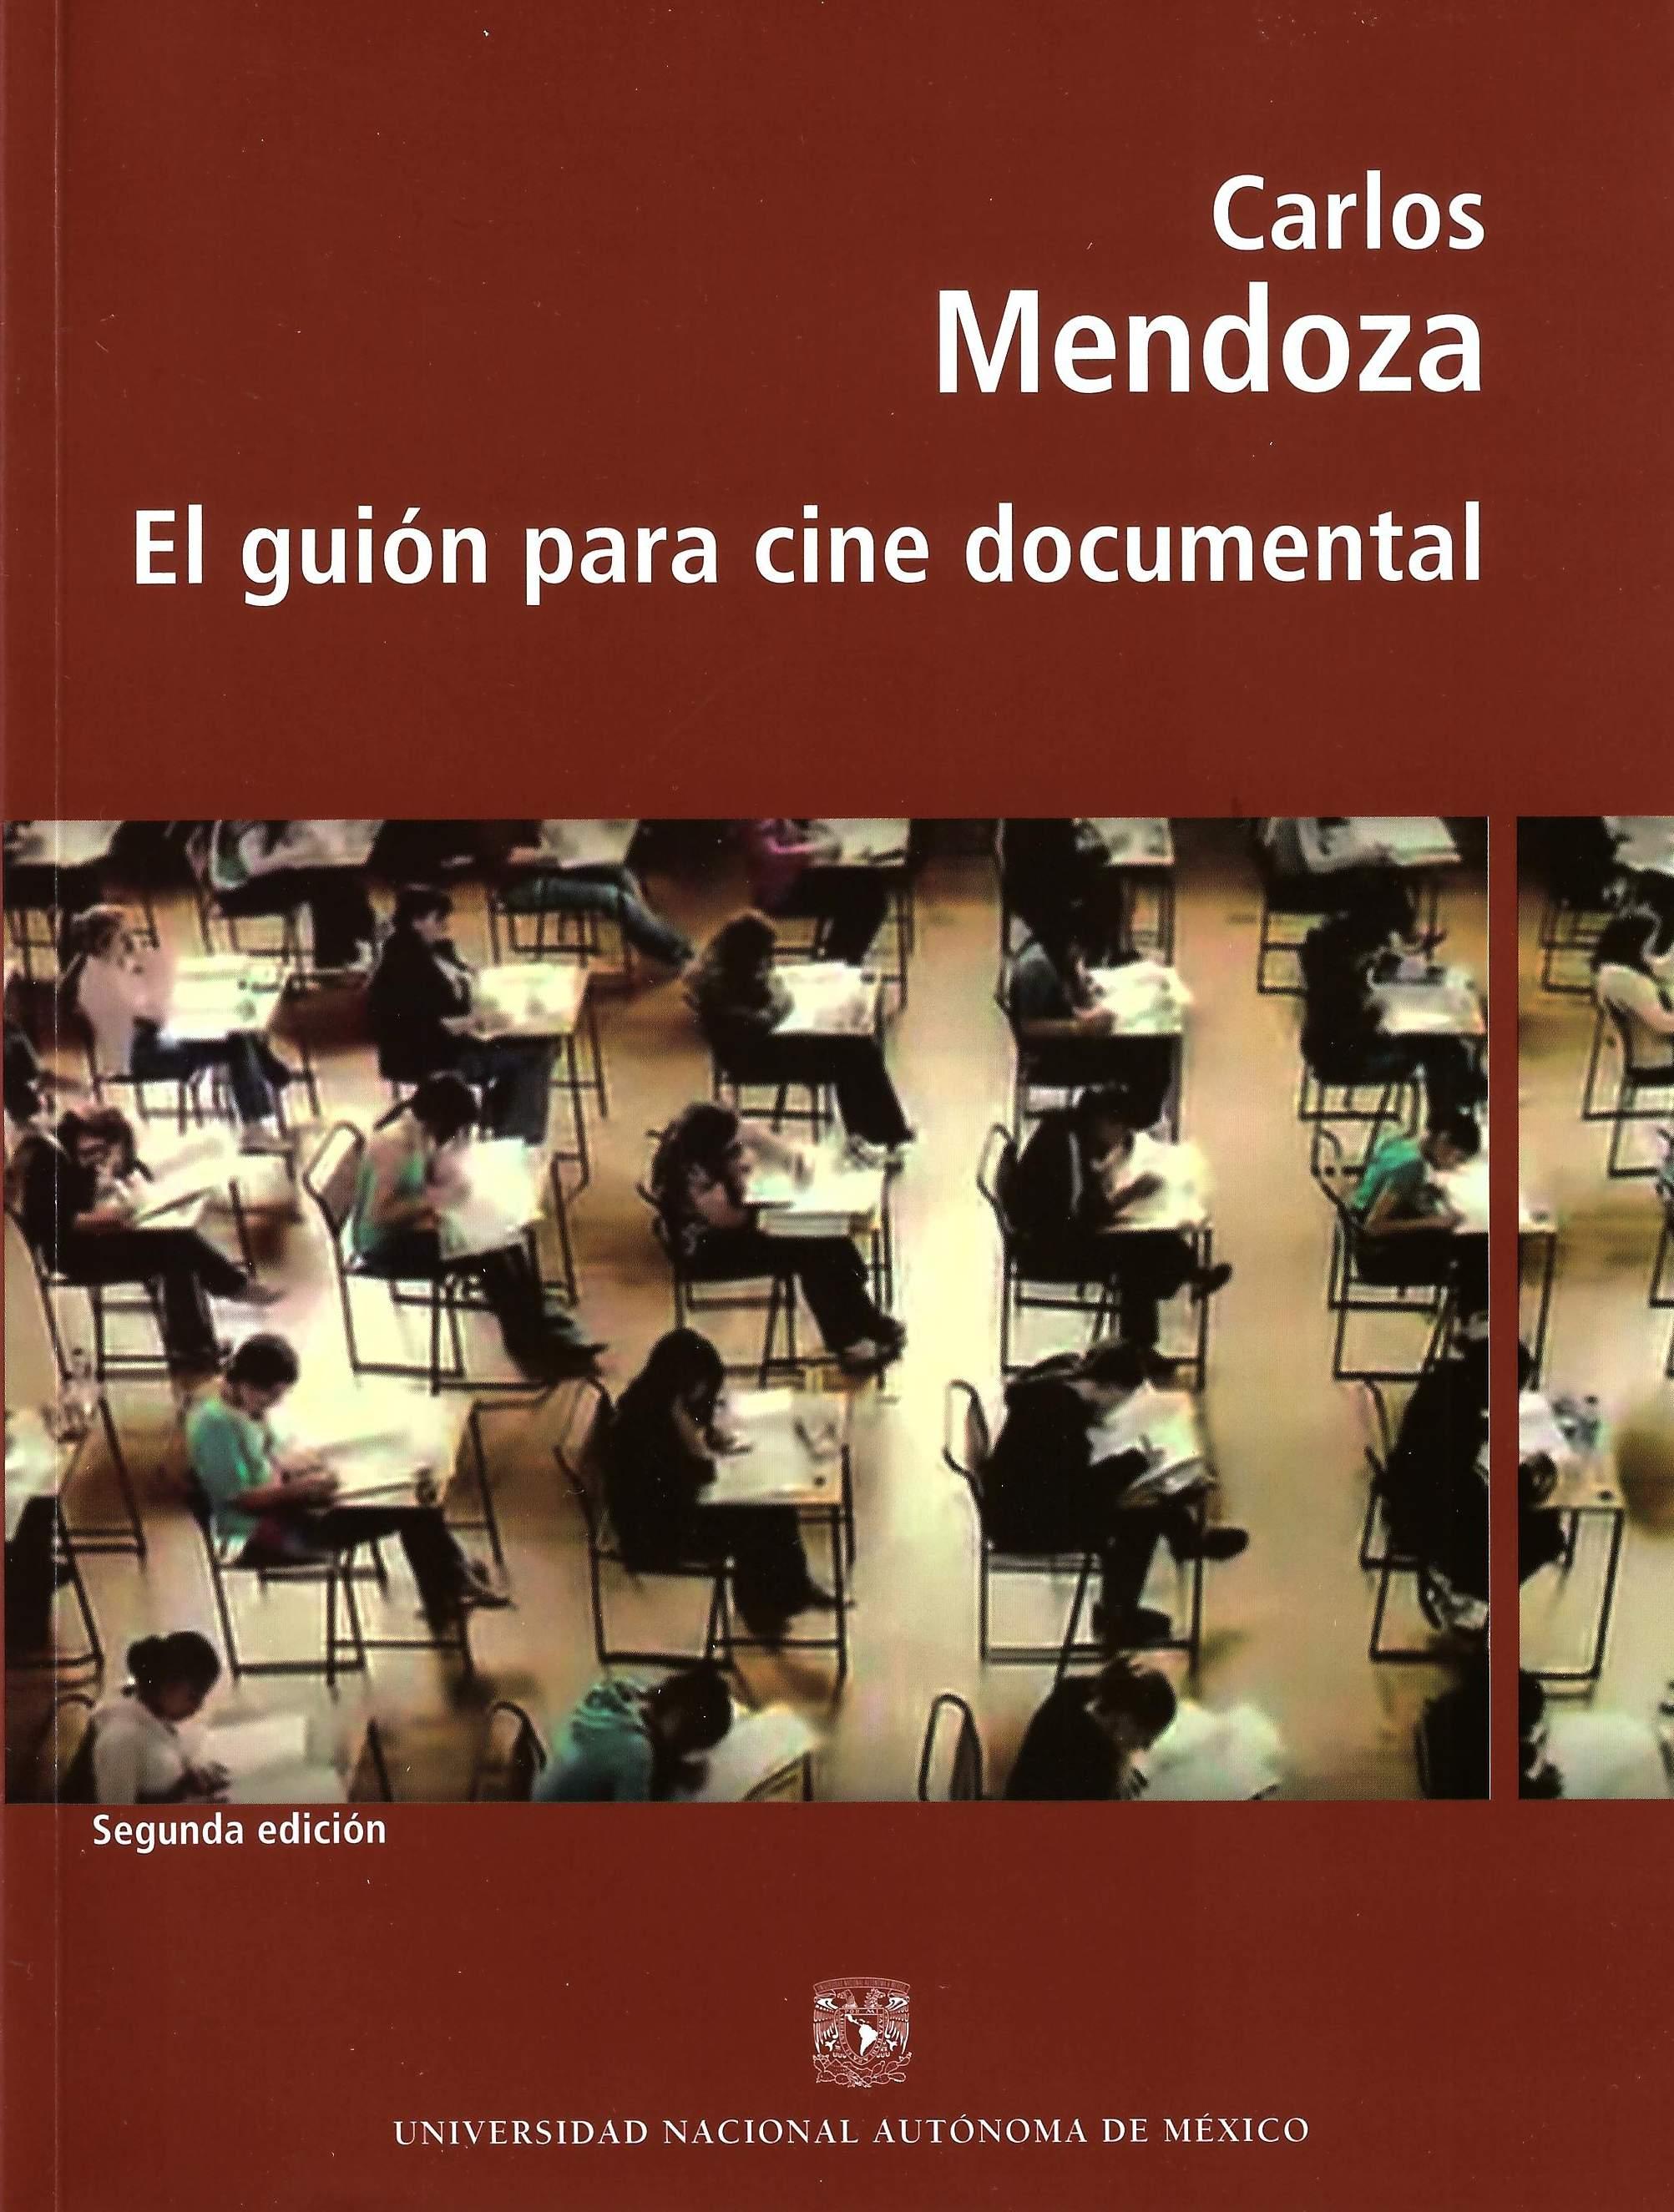 El guión para cine documental